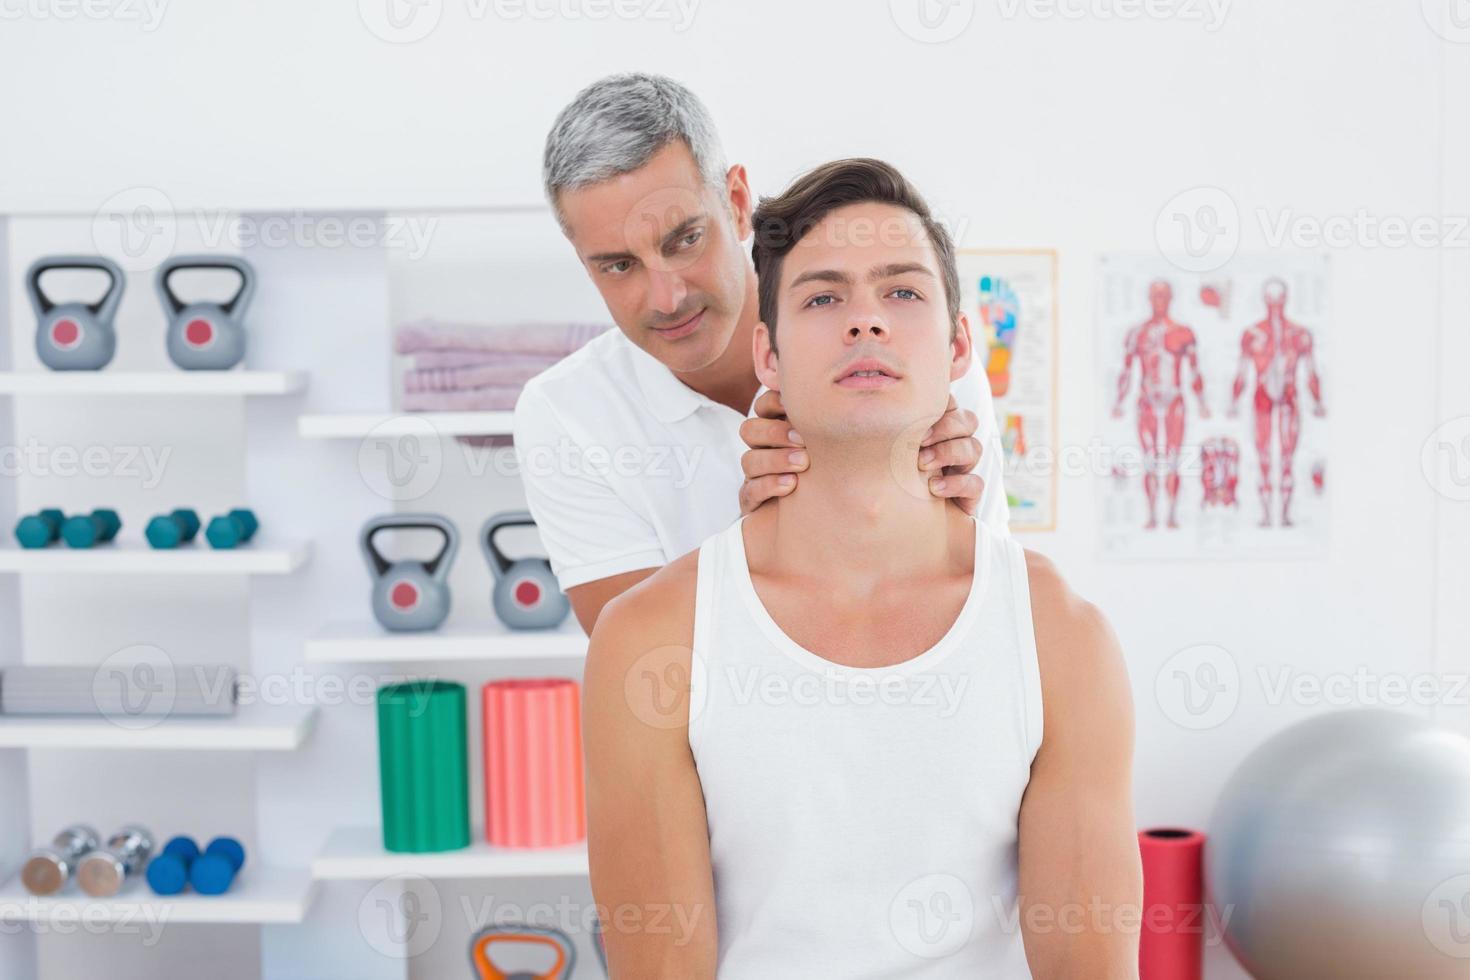 médico massageando um pescoço jovem foto